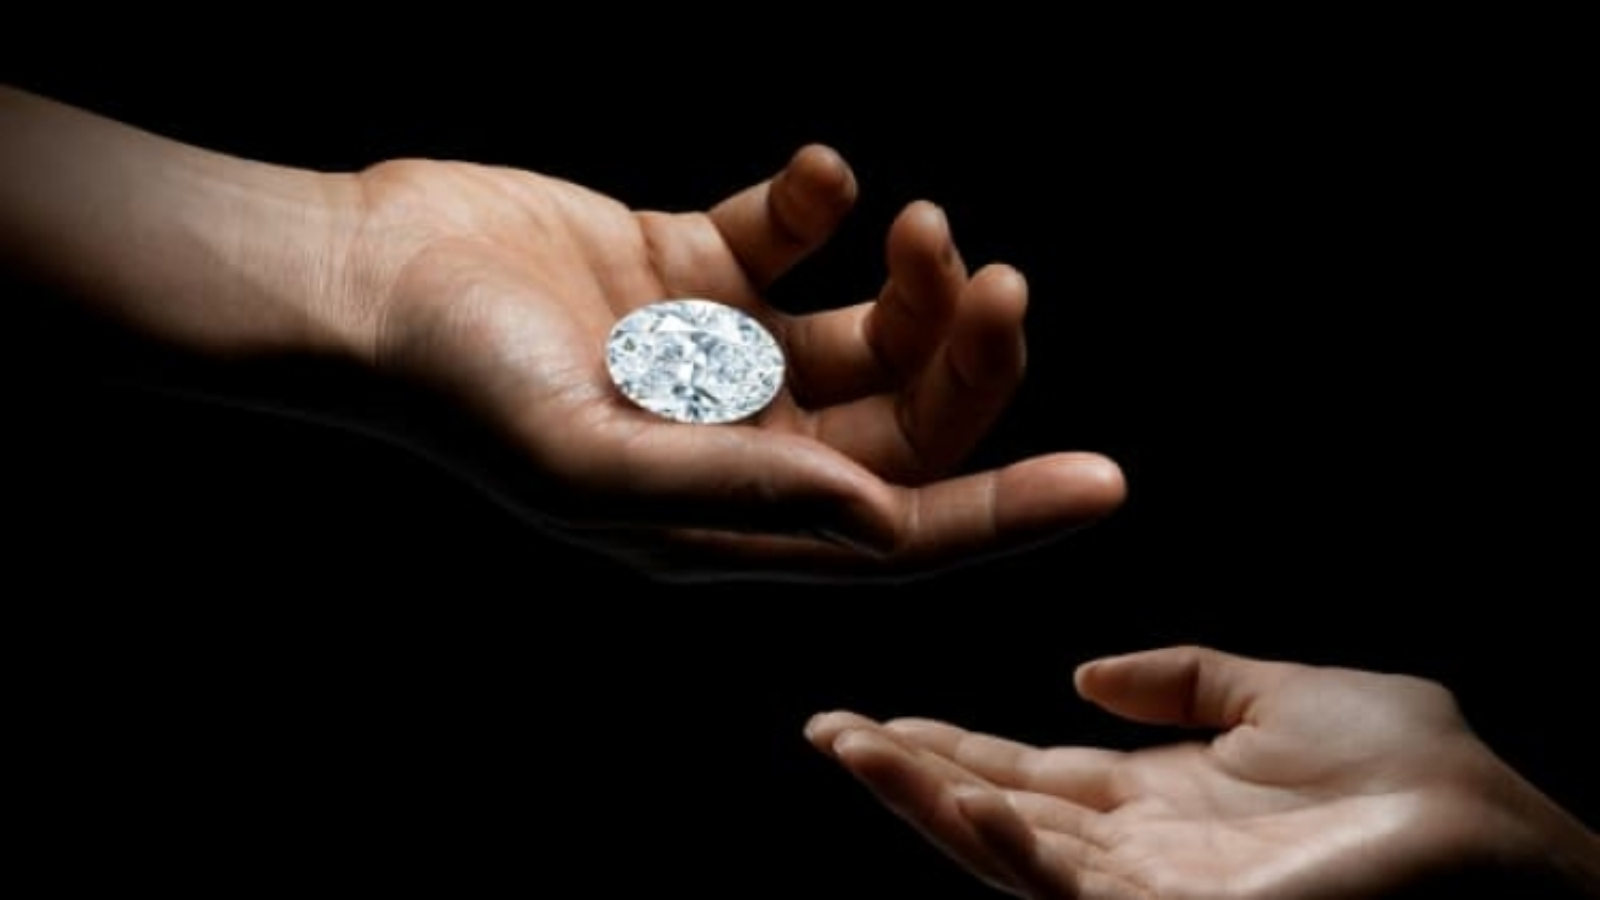 Viên kim cương giá trị nhất được bán đấu giá